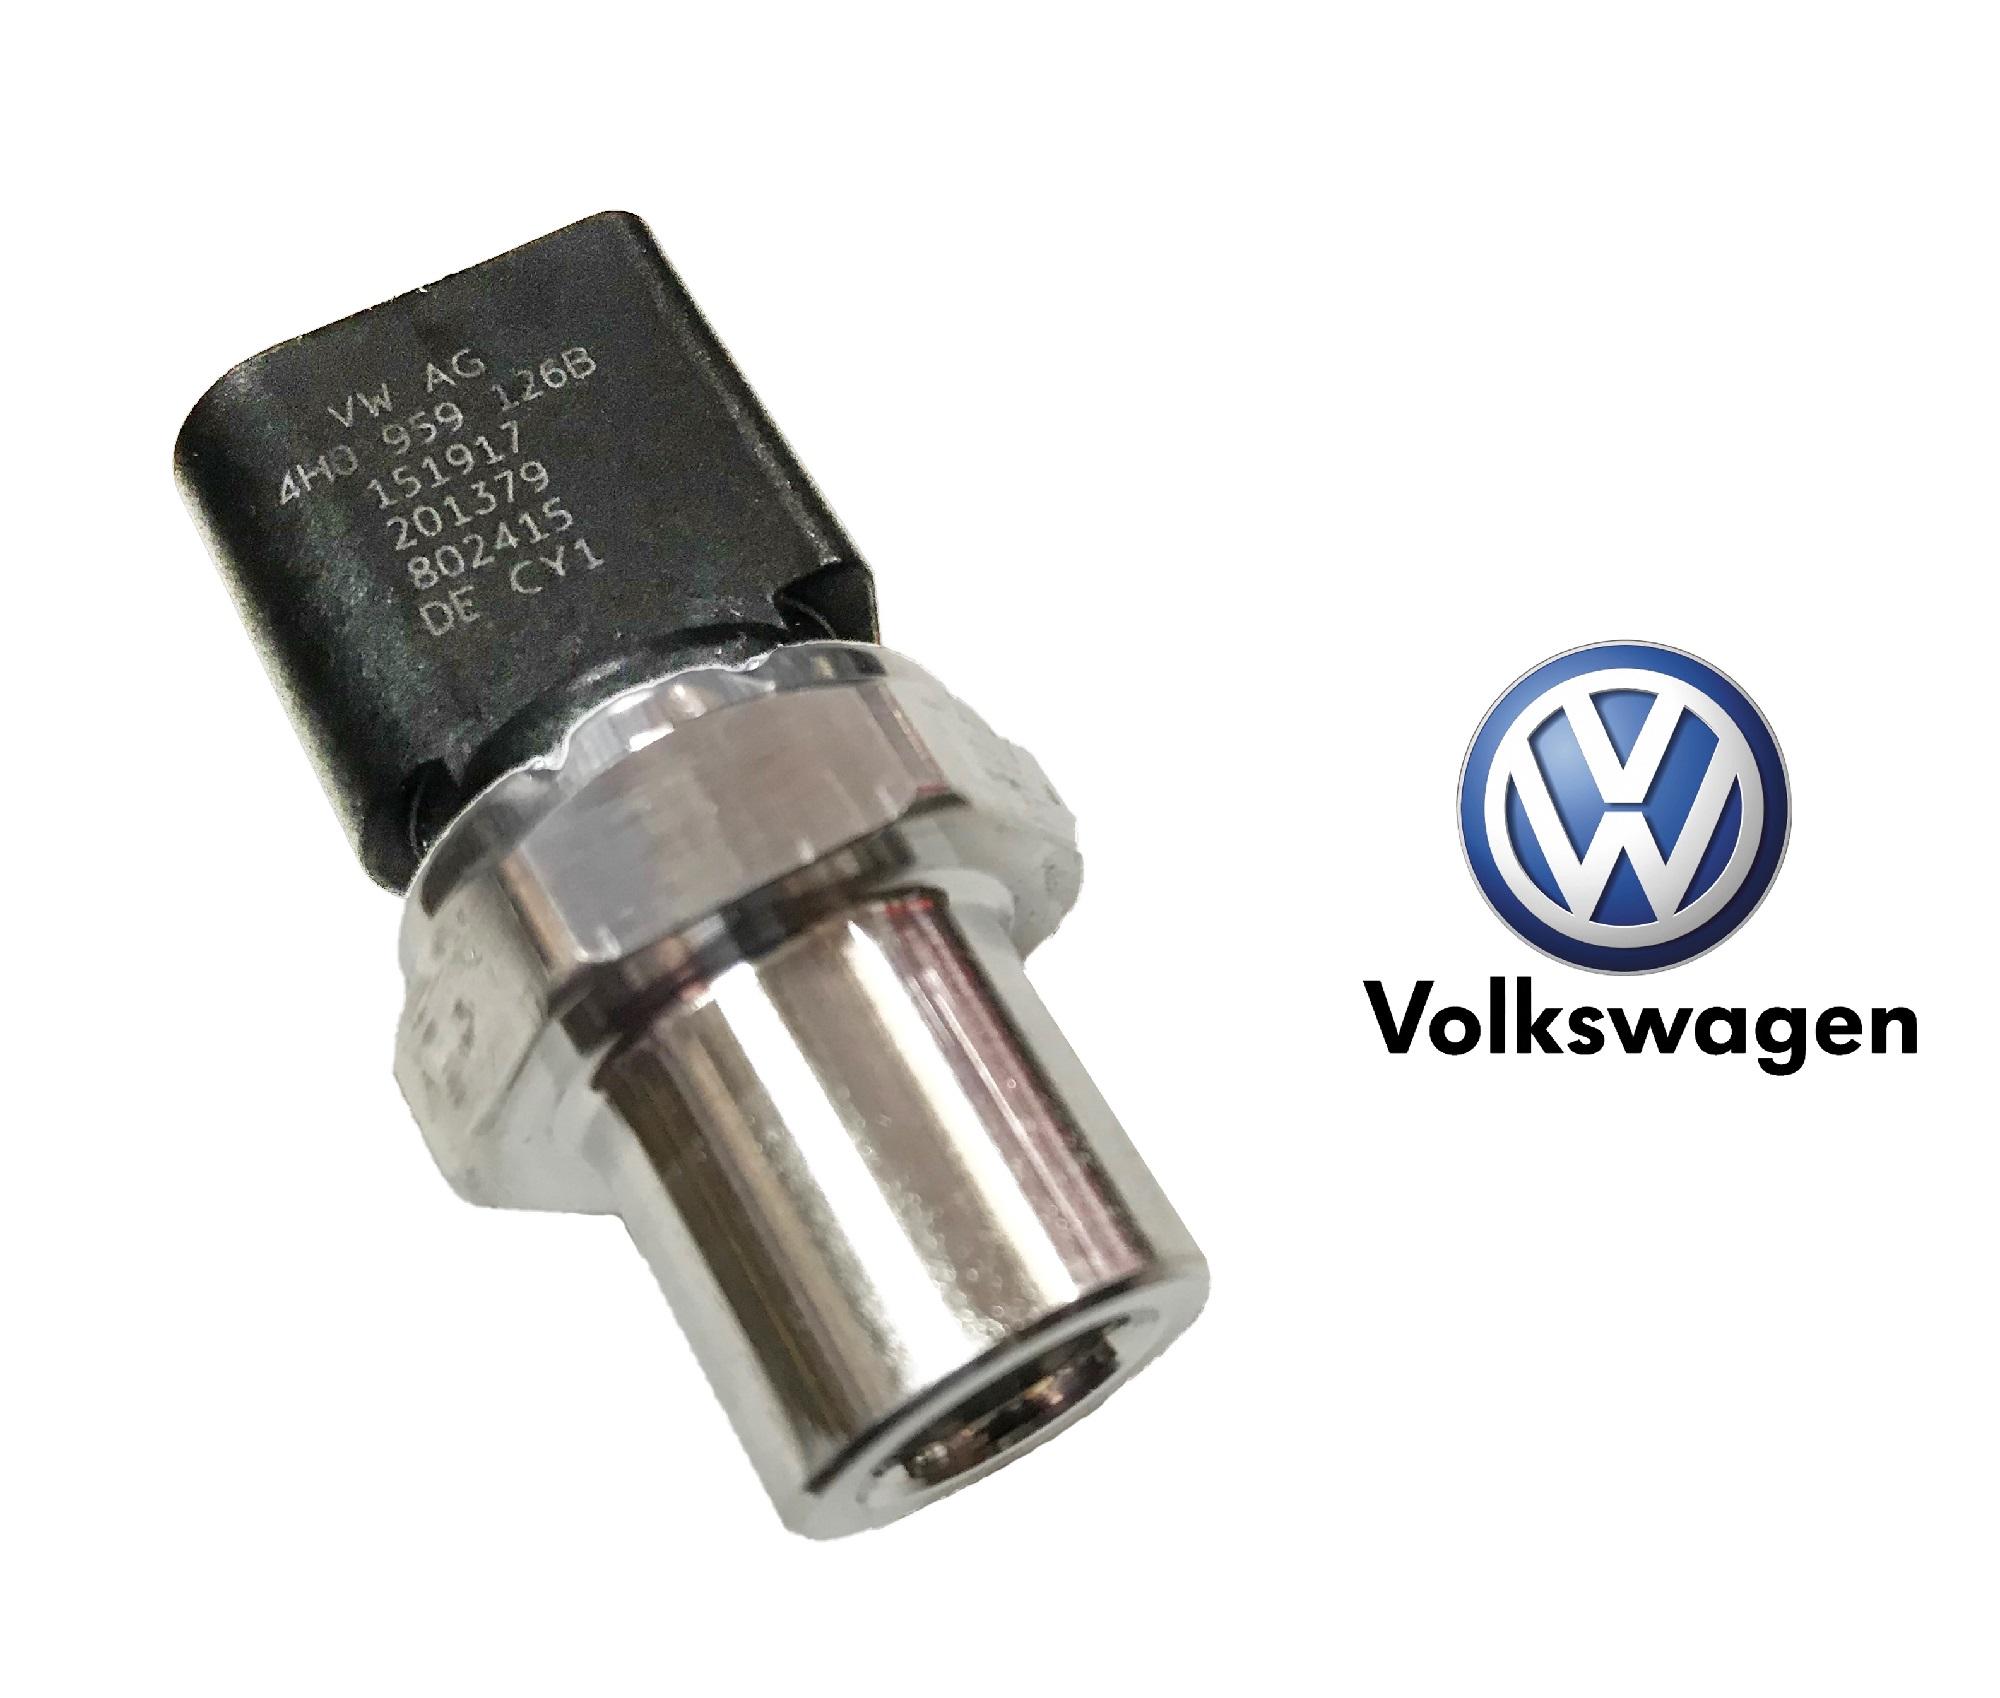 Air Cond Pressure Switch For Audi A4 A5 B8 A6 Q5 8R Volkswagen Golf MK7  Touareg